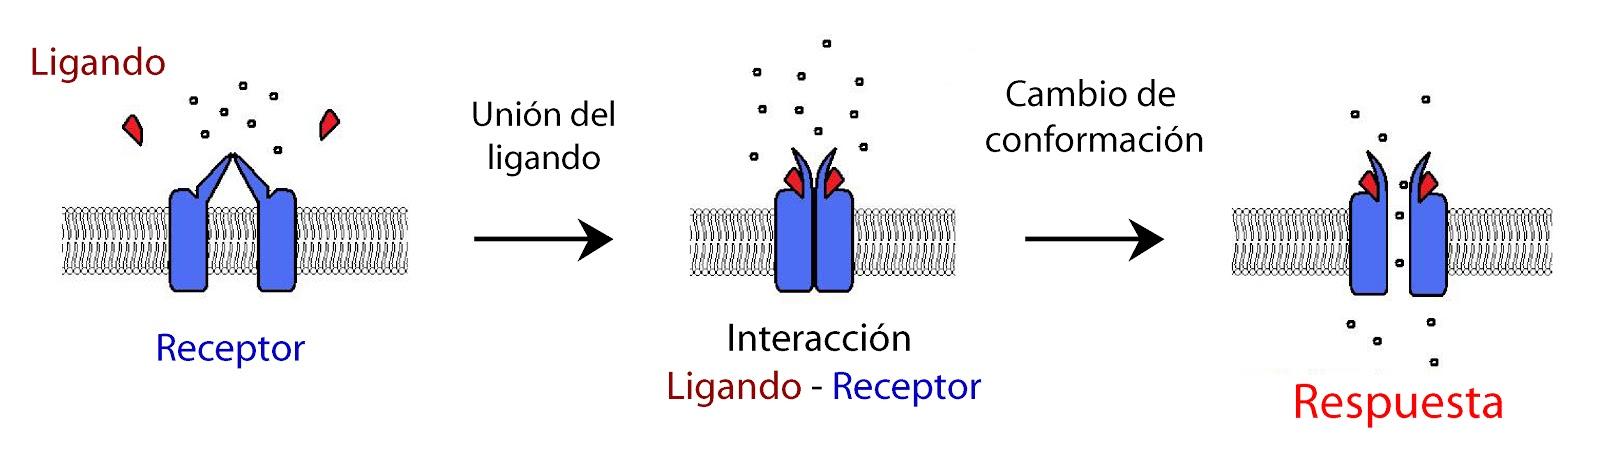 Cambio de conformación de un receptor tras unión de su ligando